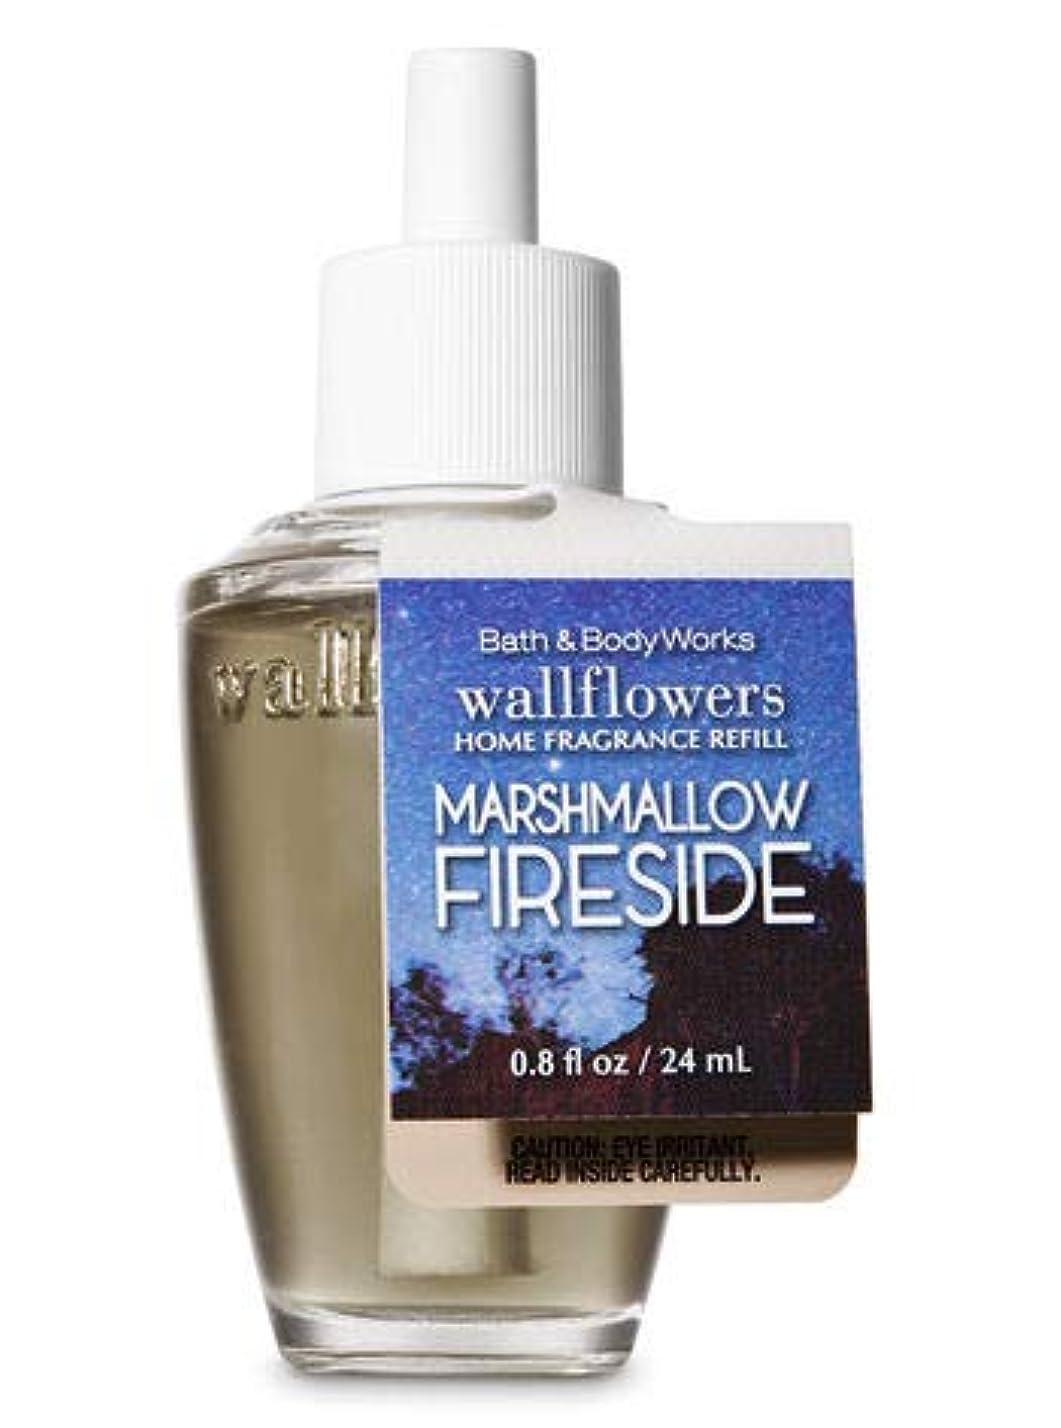 クランプ飲食店ありそう【Bath&Body Works/バス&ボディワークス】 ルームフレグランス 詰替えリフィル マシュマロファイヤーサイド Wallflowers Home Fragrance Refill Marshmallow Fireside [並行輸入品]